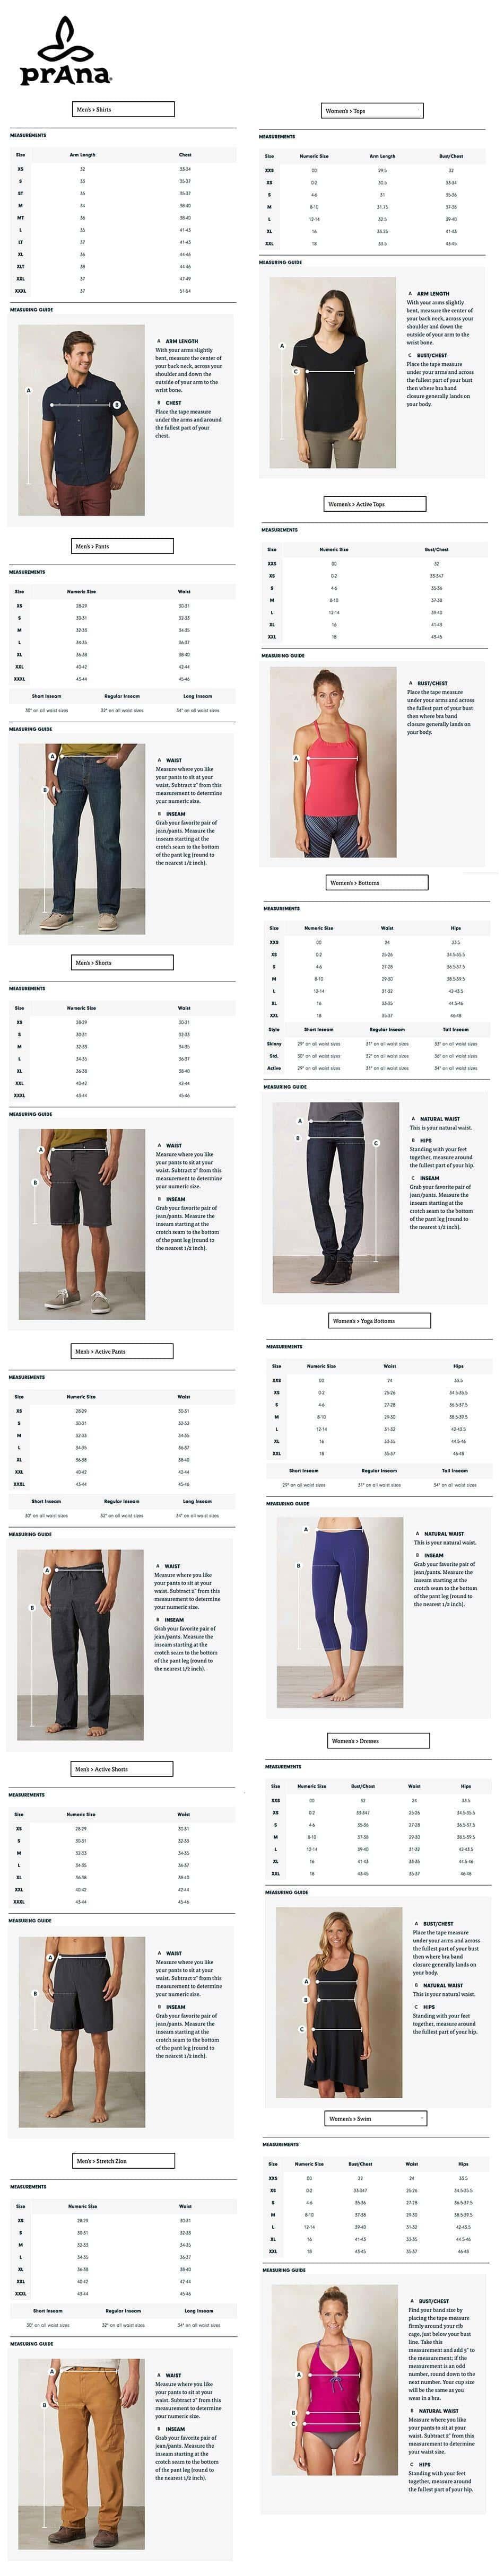 Dimensioni, dimensioni del marchio prAna